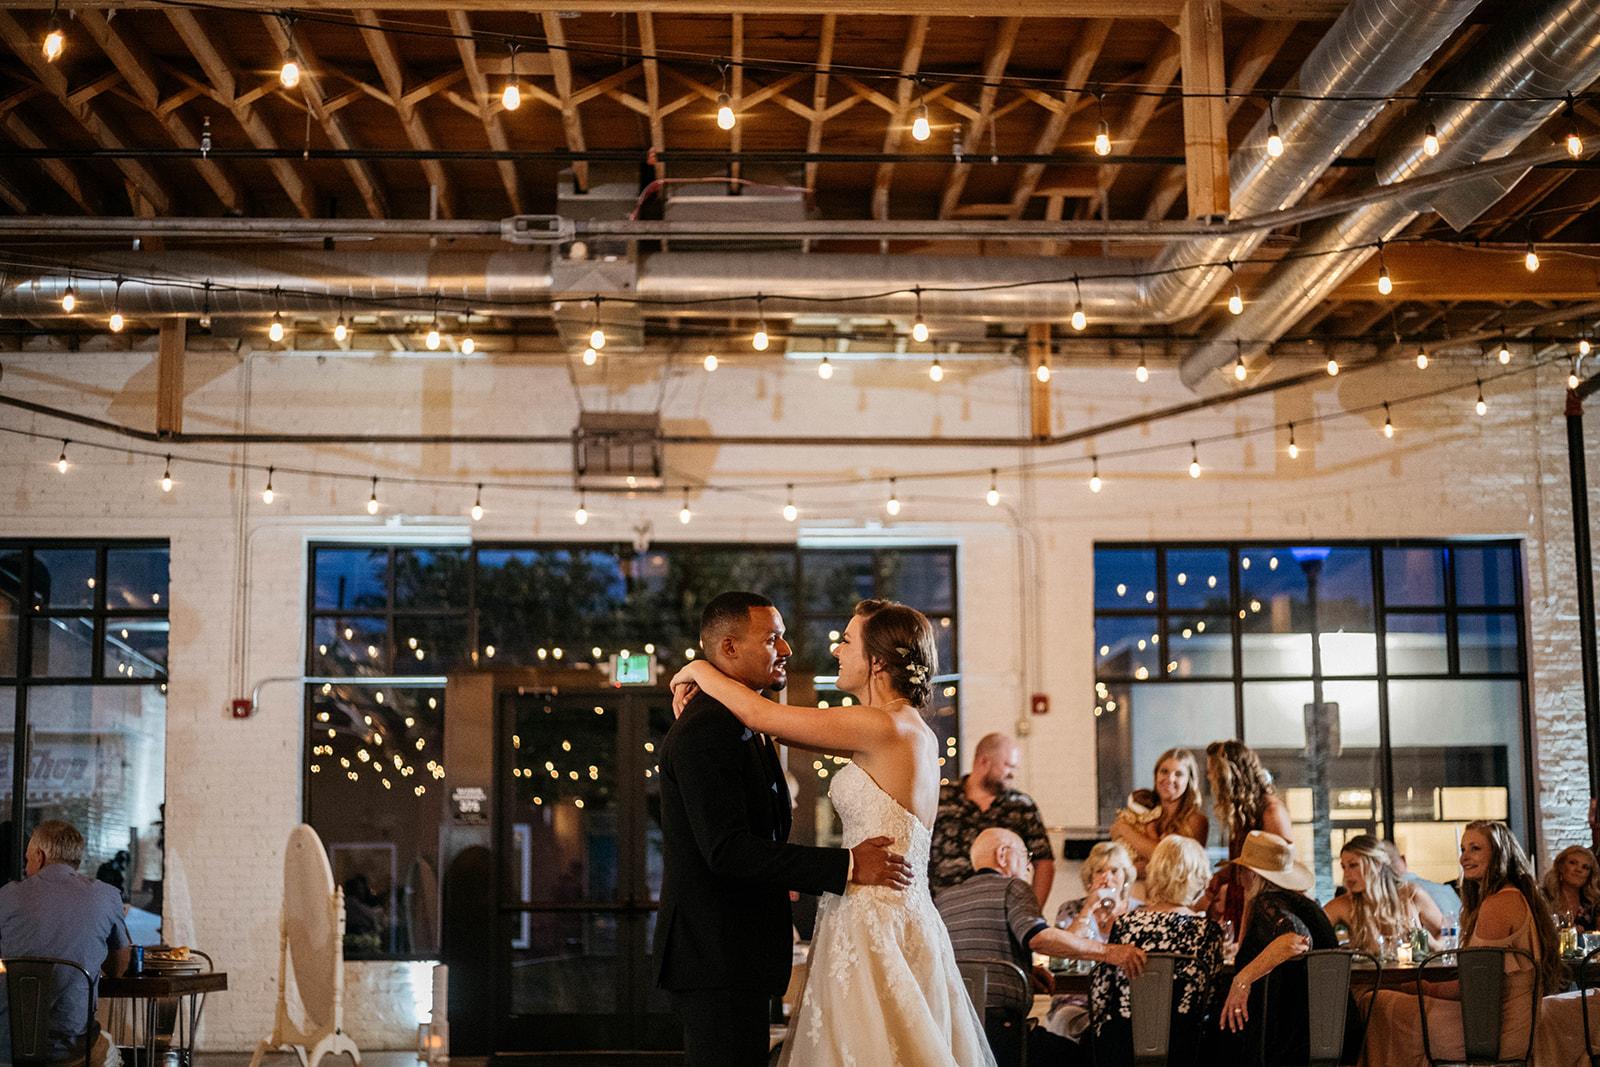 Katy_and_Solomon_Wedding_2019-854.jpg